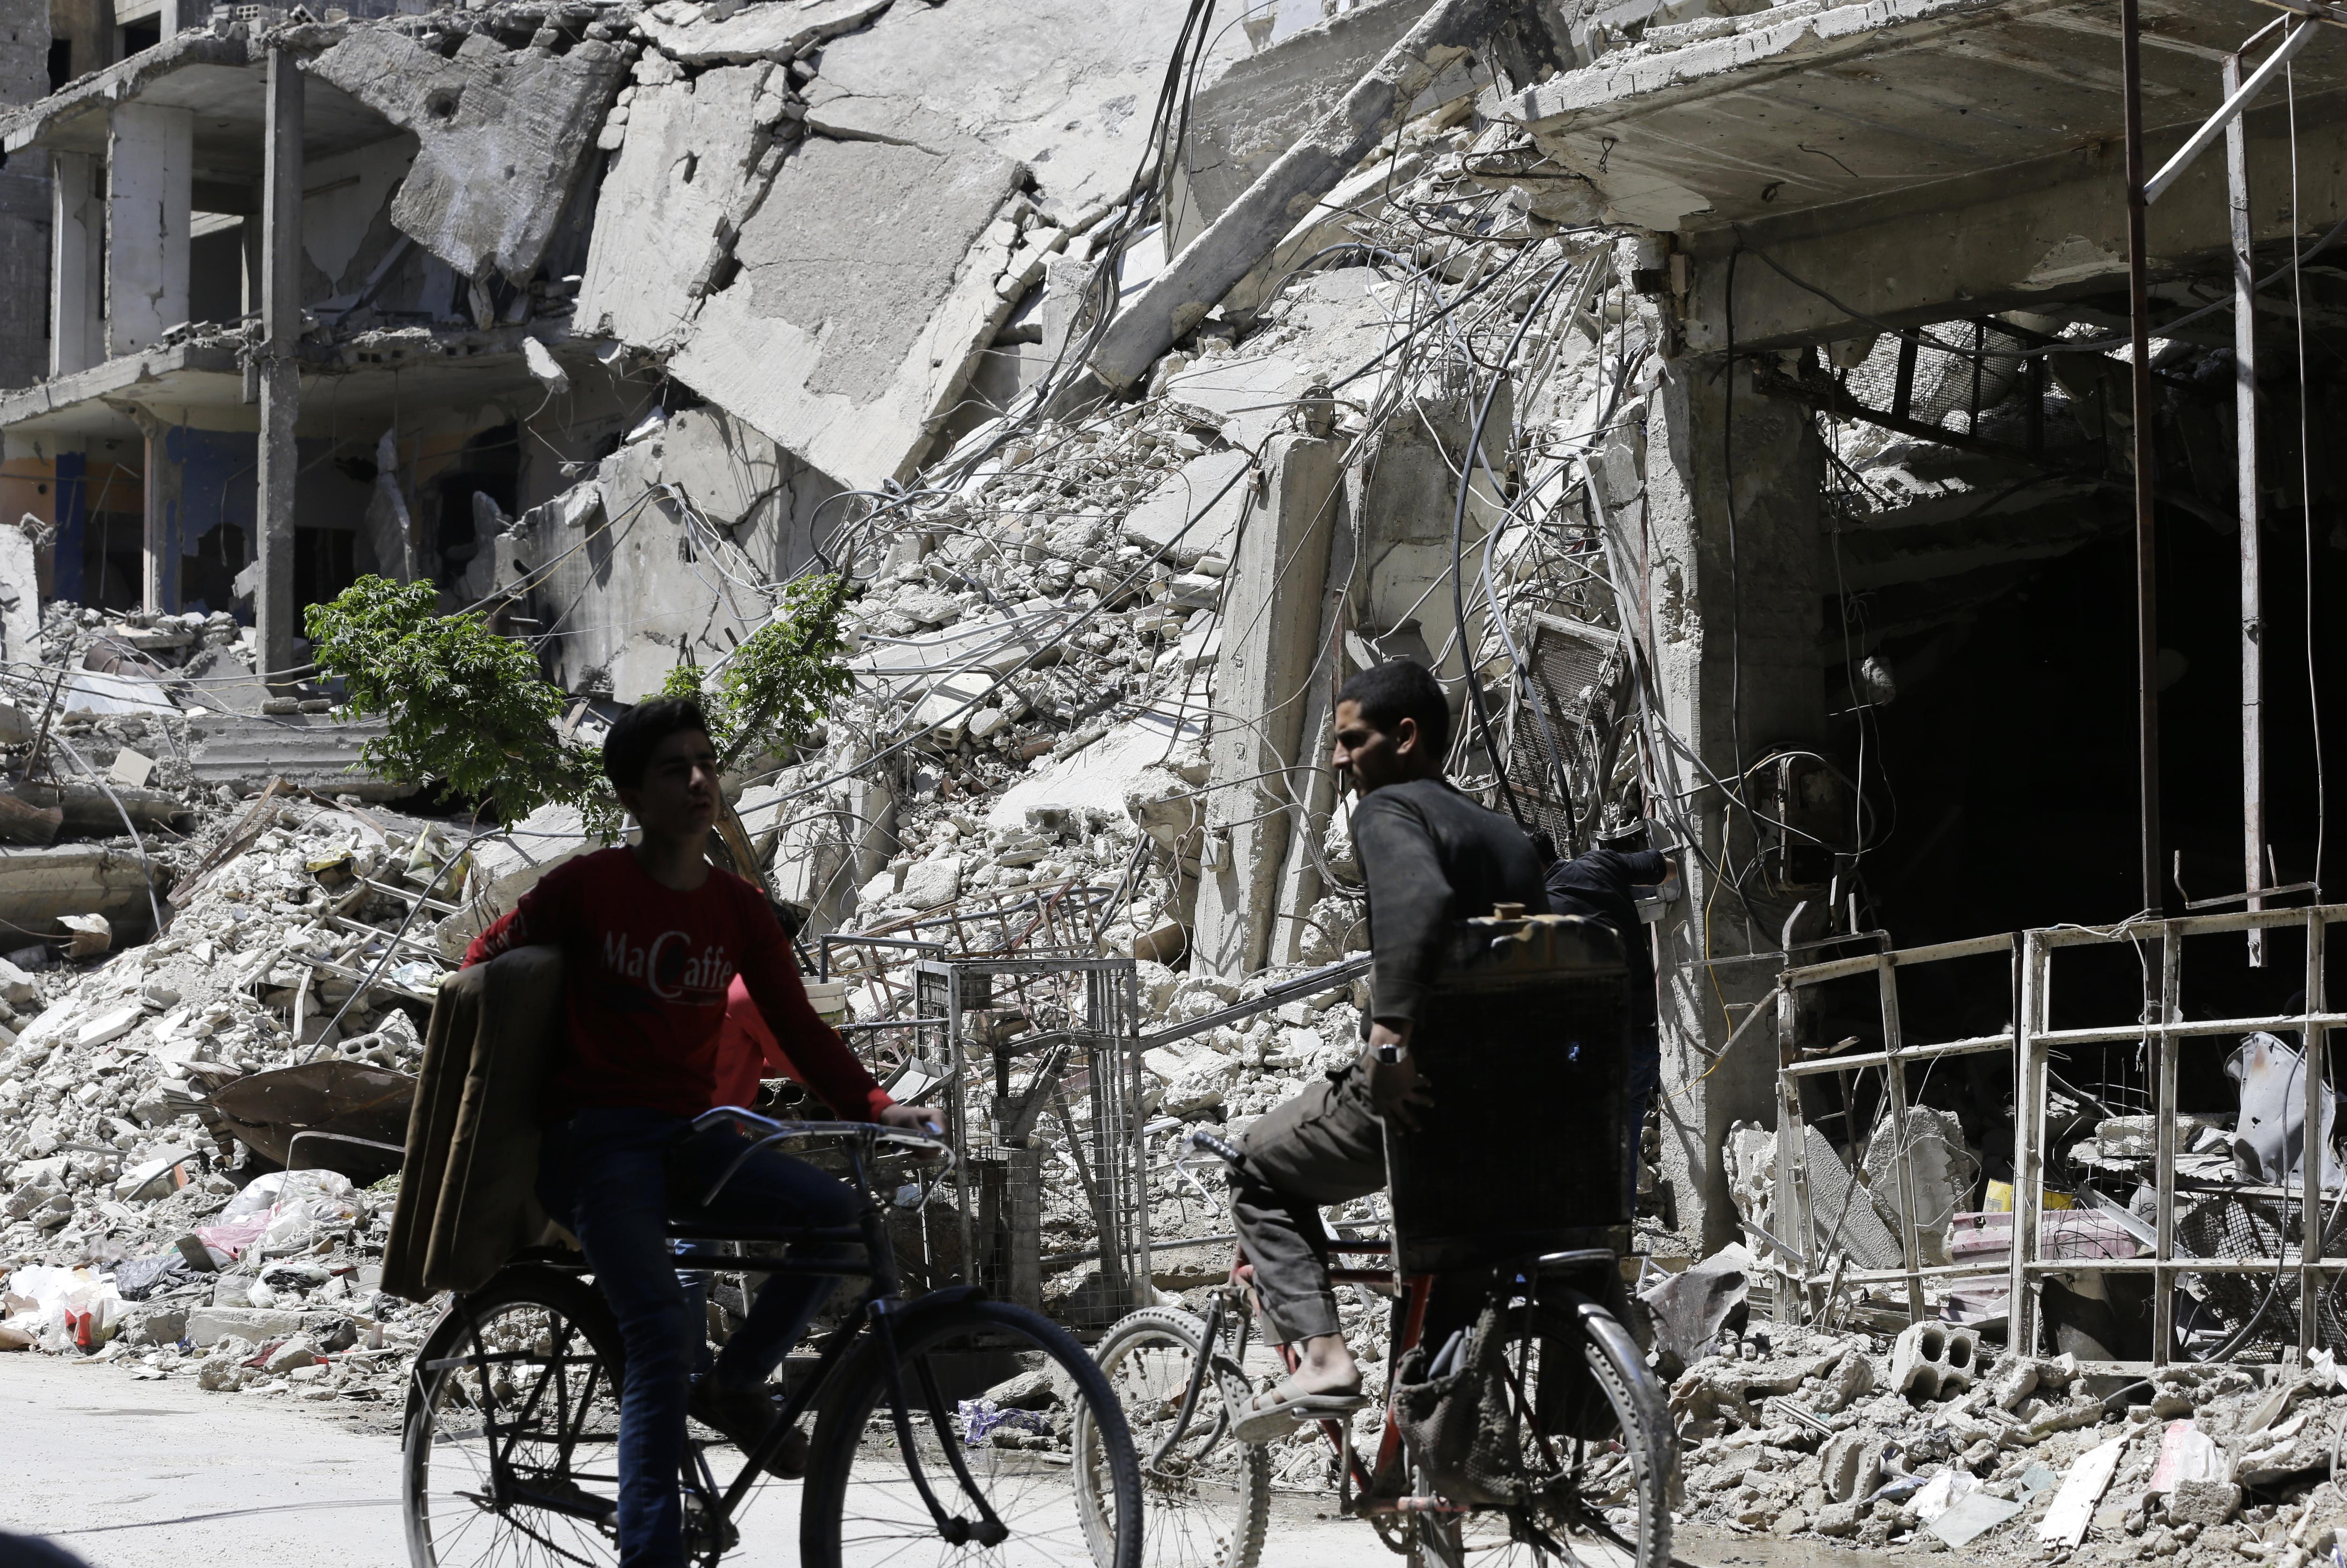 Szíria: Meg lehet vizsgálni a vegyifegyver-támadás helyszínét, de fogytán a türelem